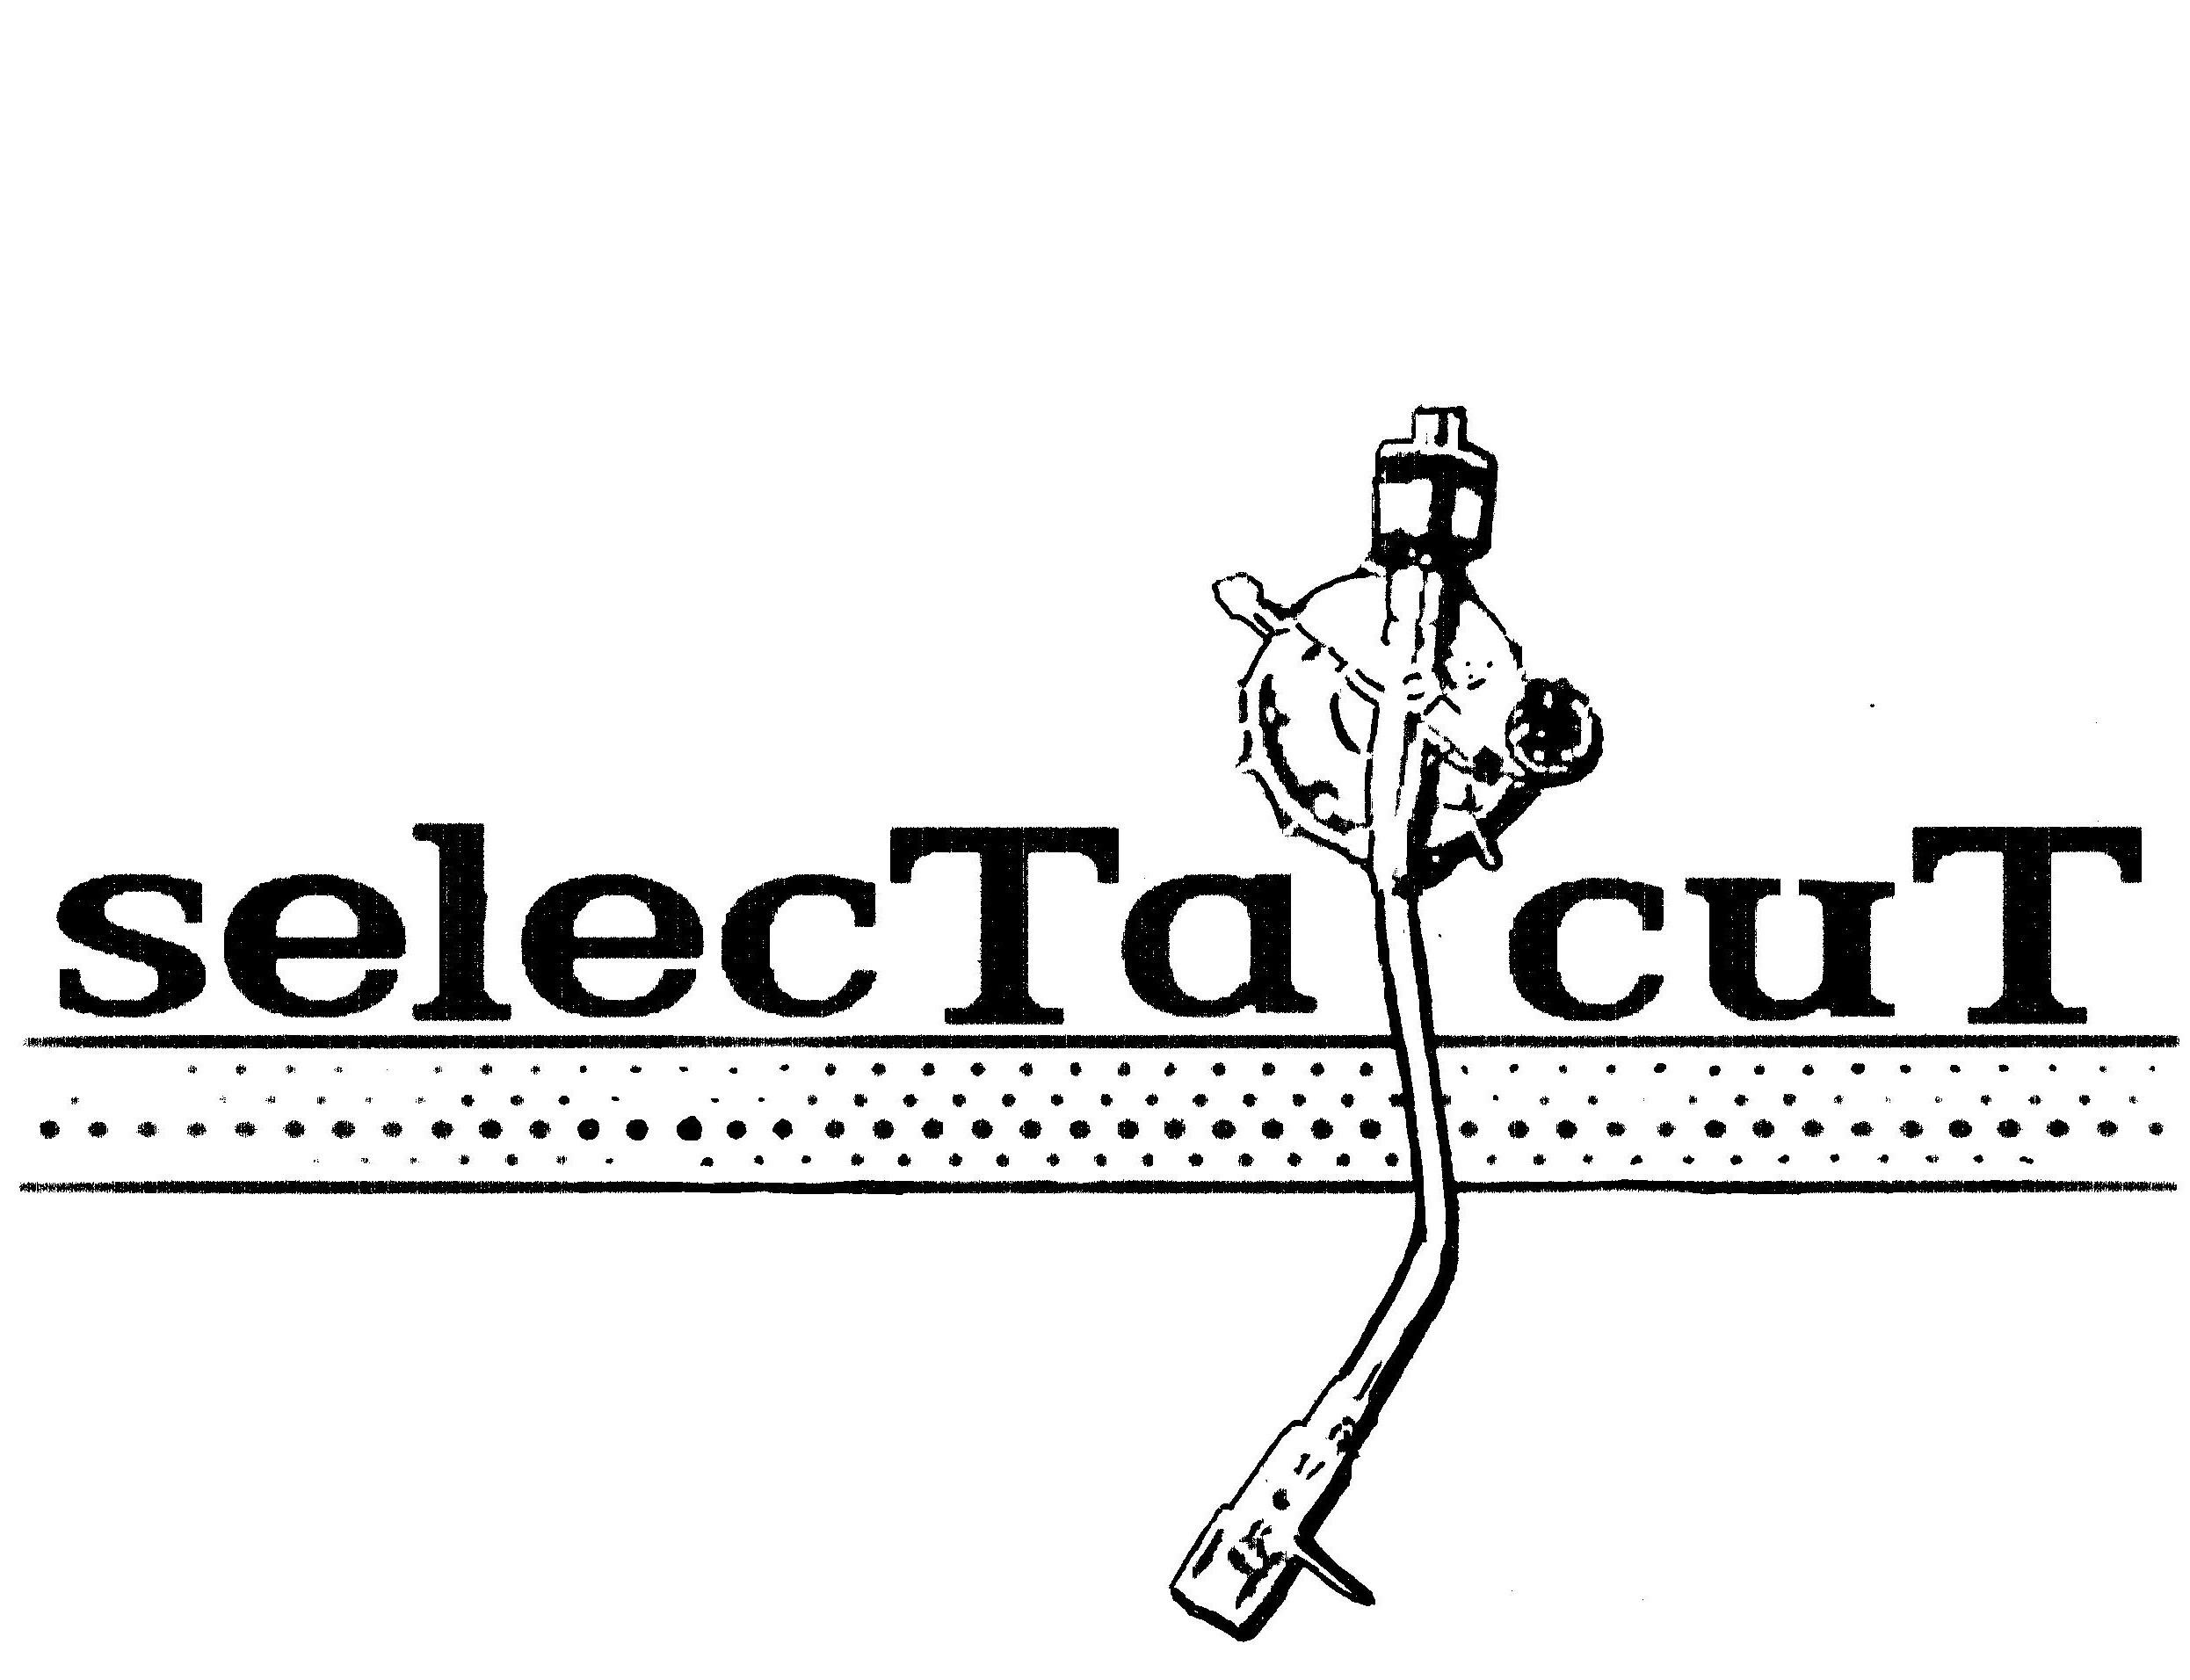 dubmusic.com